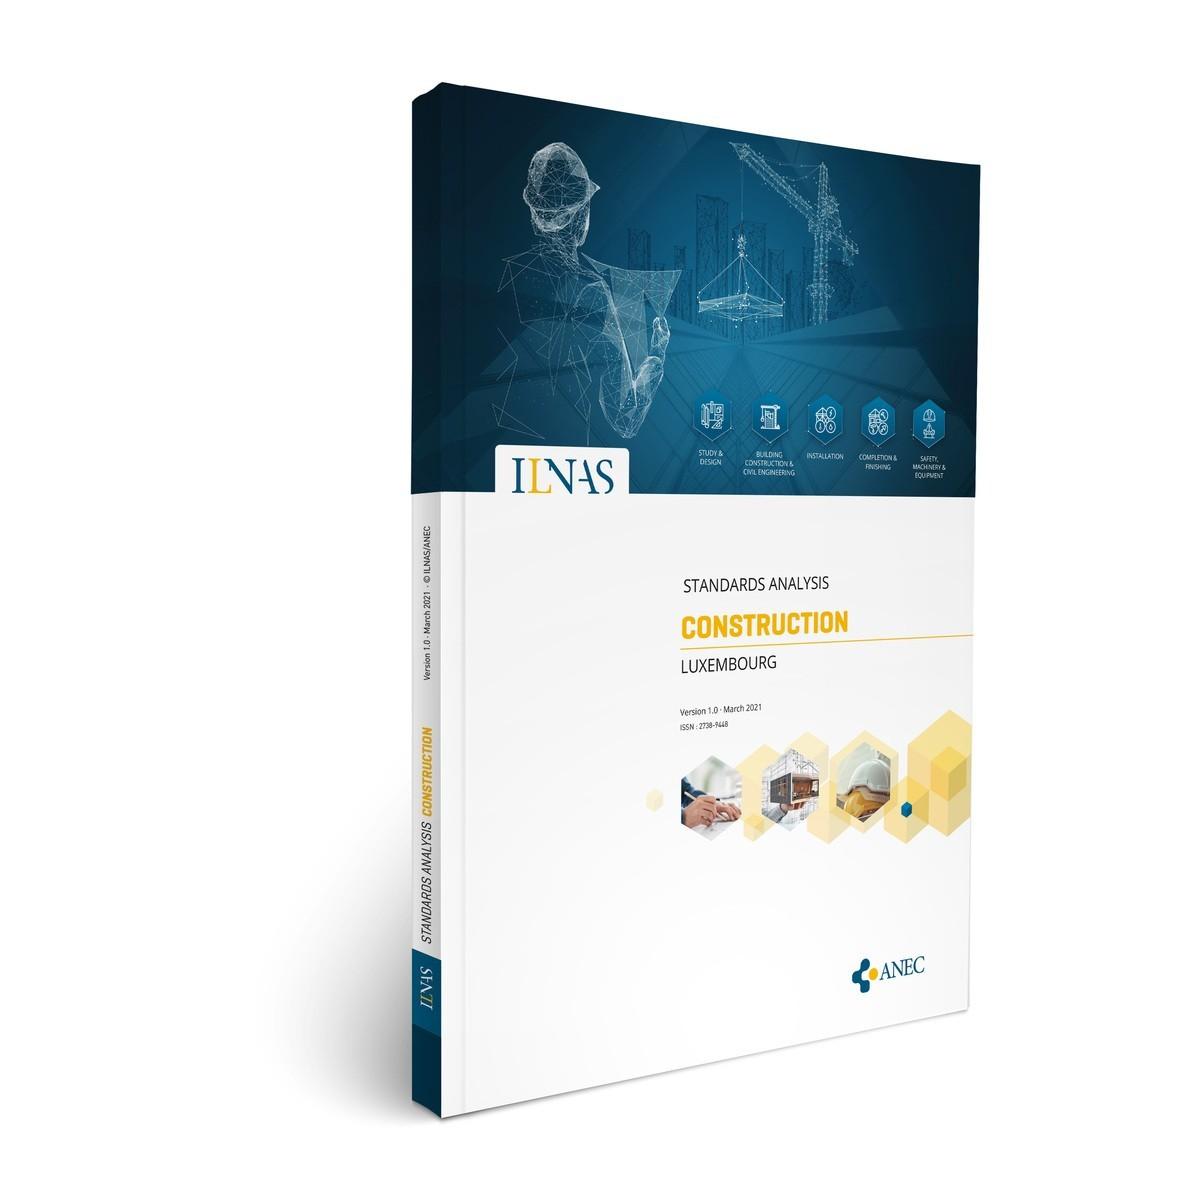 L'ILNAS publie sa première Analyse Normative du Secteur de la Construction